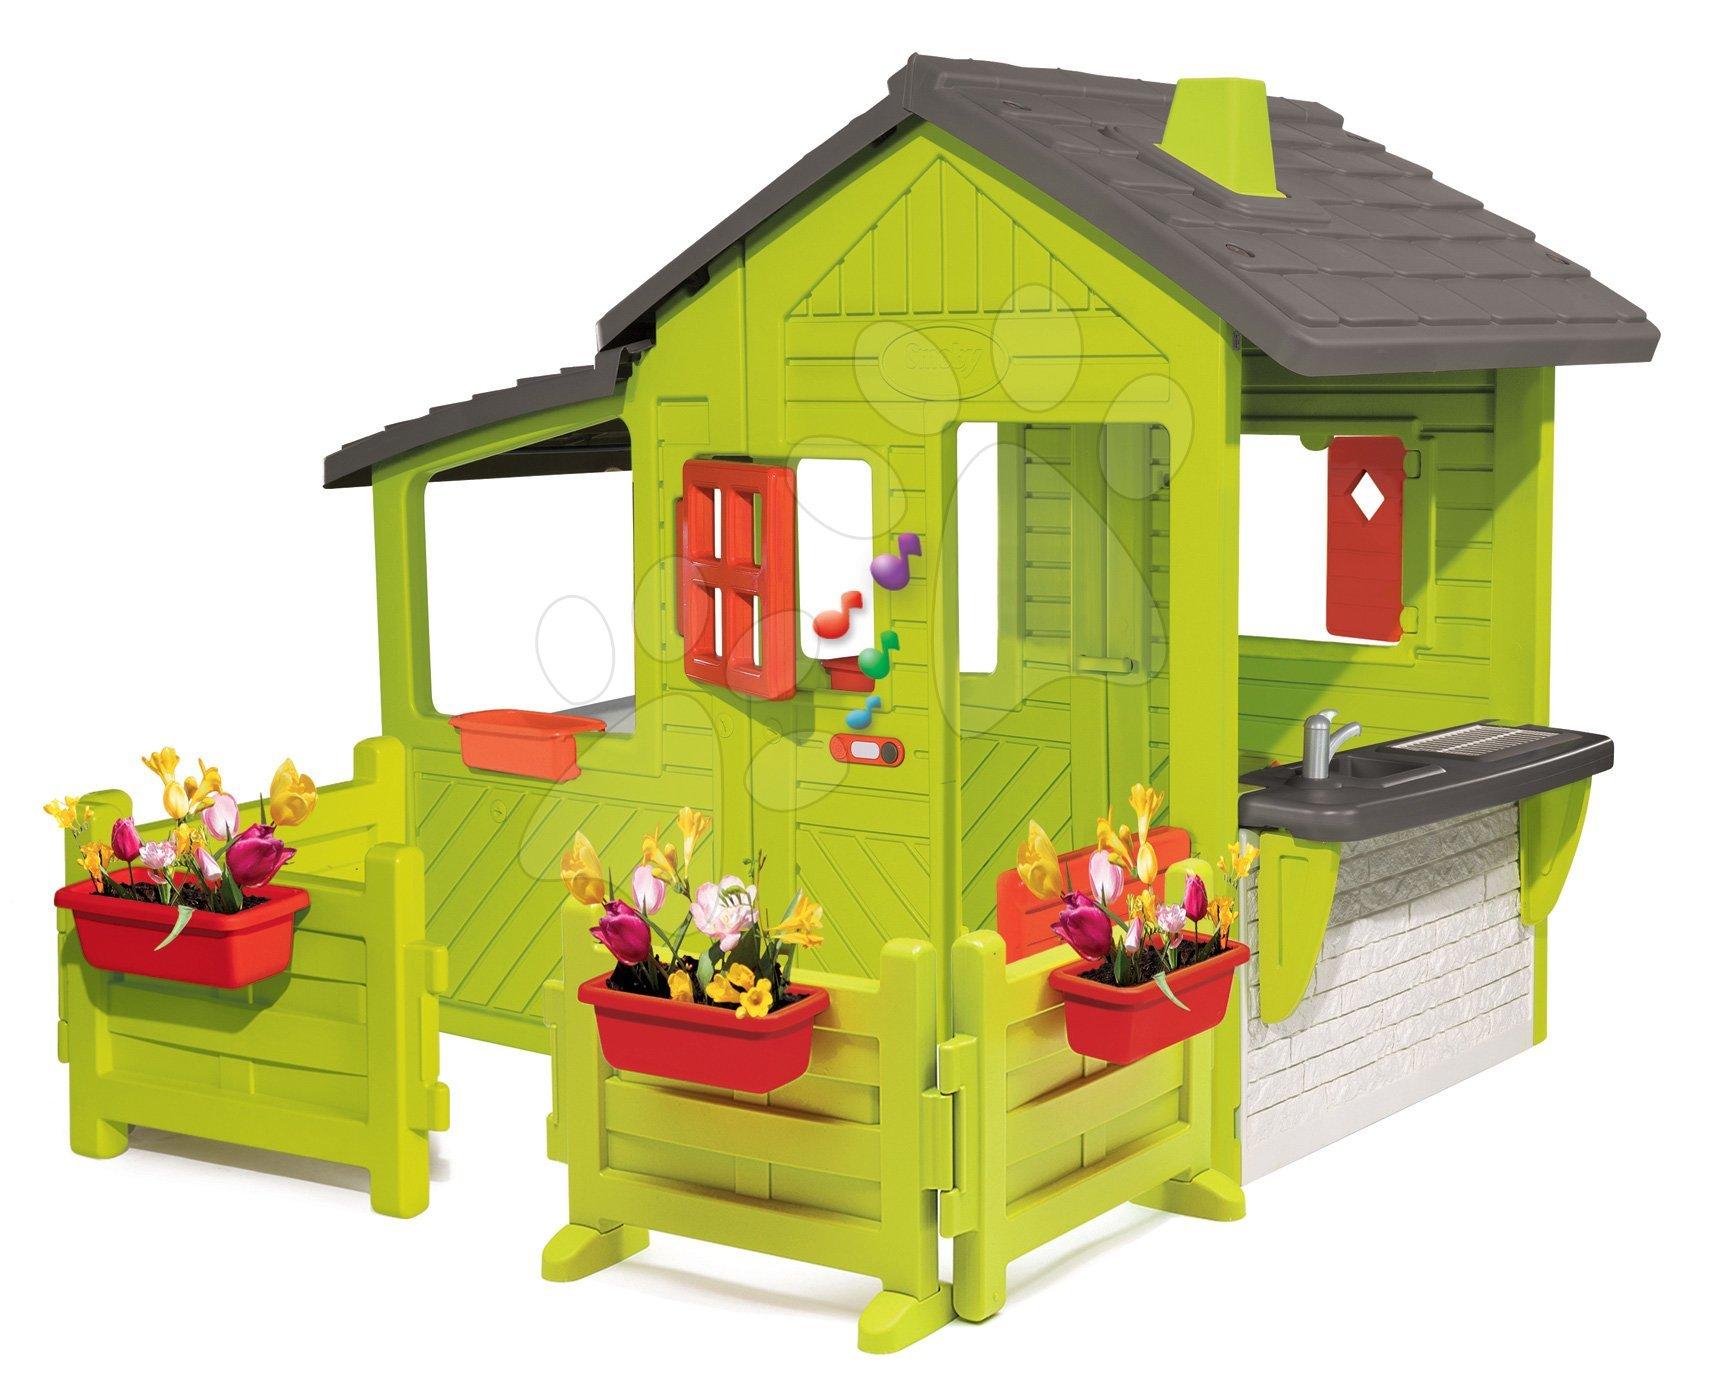 Domček Záhradník Neo Floralie Smoby so zvončekom, komínom a dvoma záhradkami